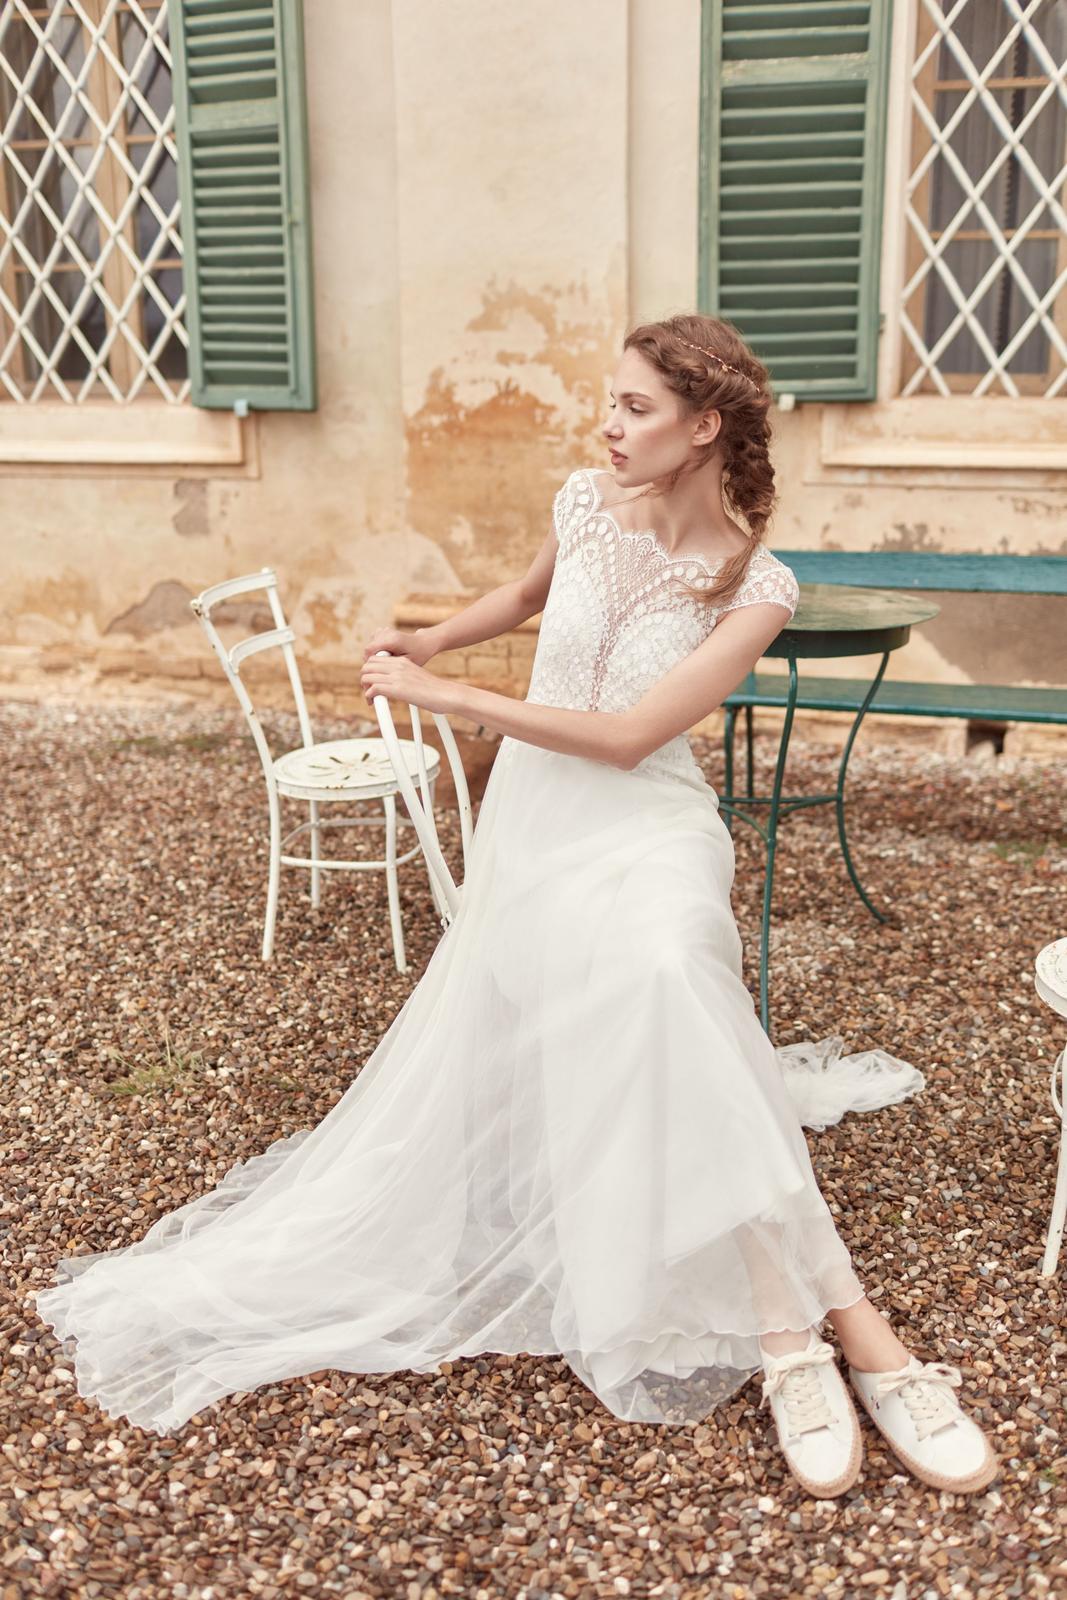 Anna Kara * Svadobné šaty z kolekcií na rok 2019 - Obrázok č. 70